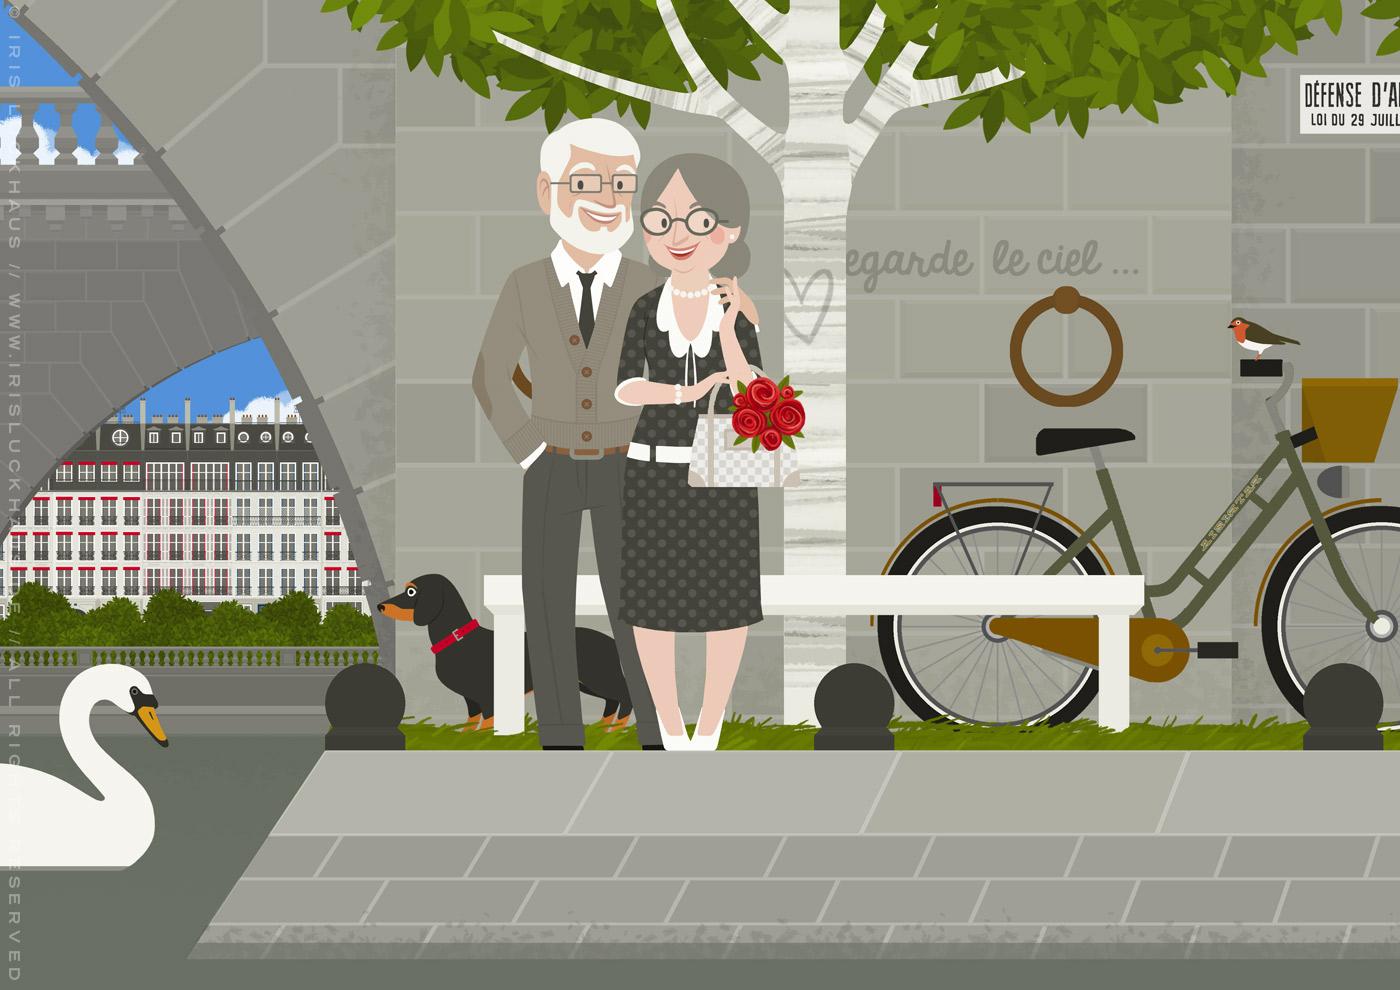 Zeichnung eines alten Pärchens mit Dackel, das bei einem Spaziergang durch Paris die Quais der Seine entdeckt und dort ein altes Herz in der Rinde einer Birke wiederfindet, von Iris Luckhaus